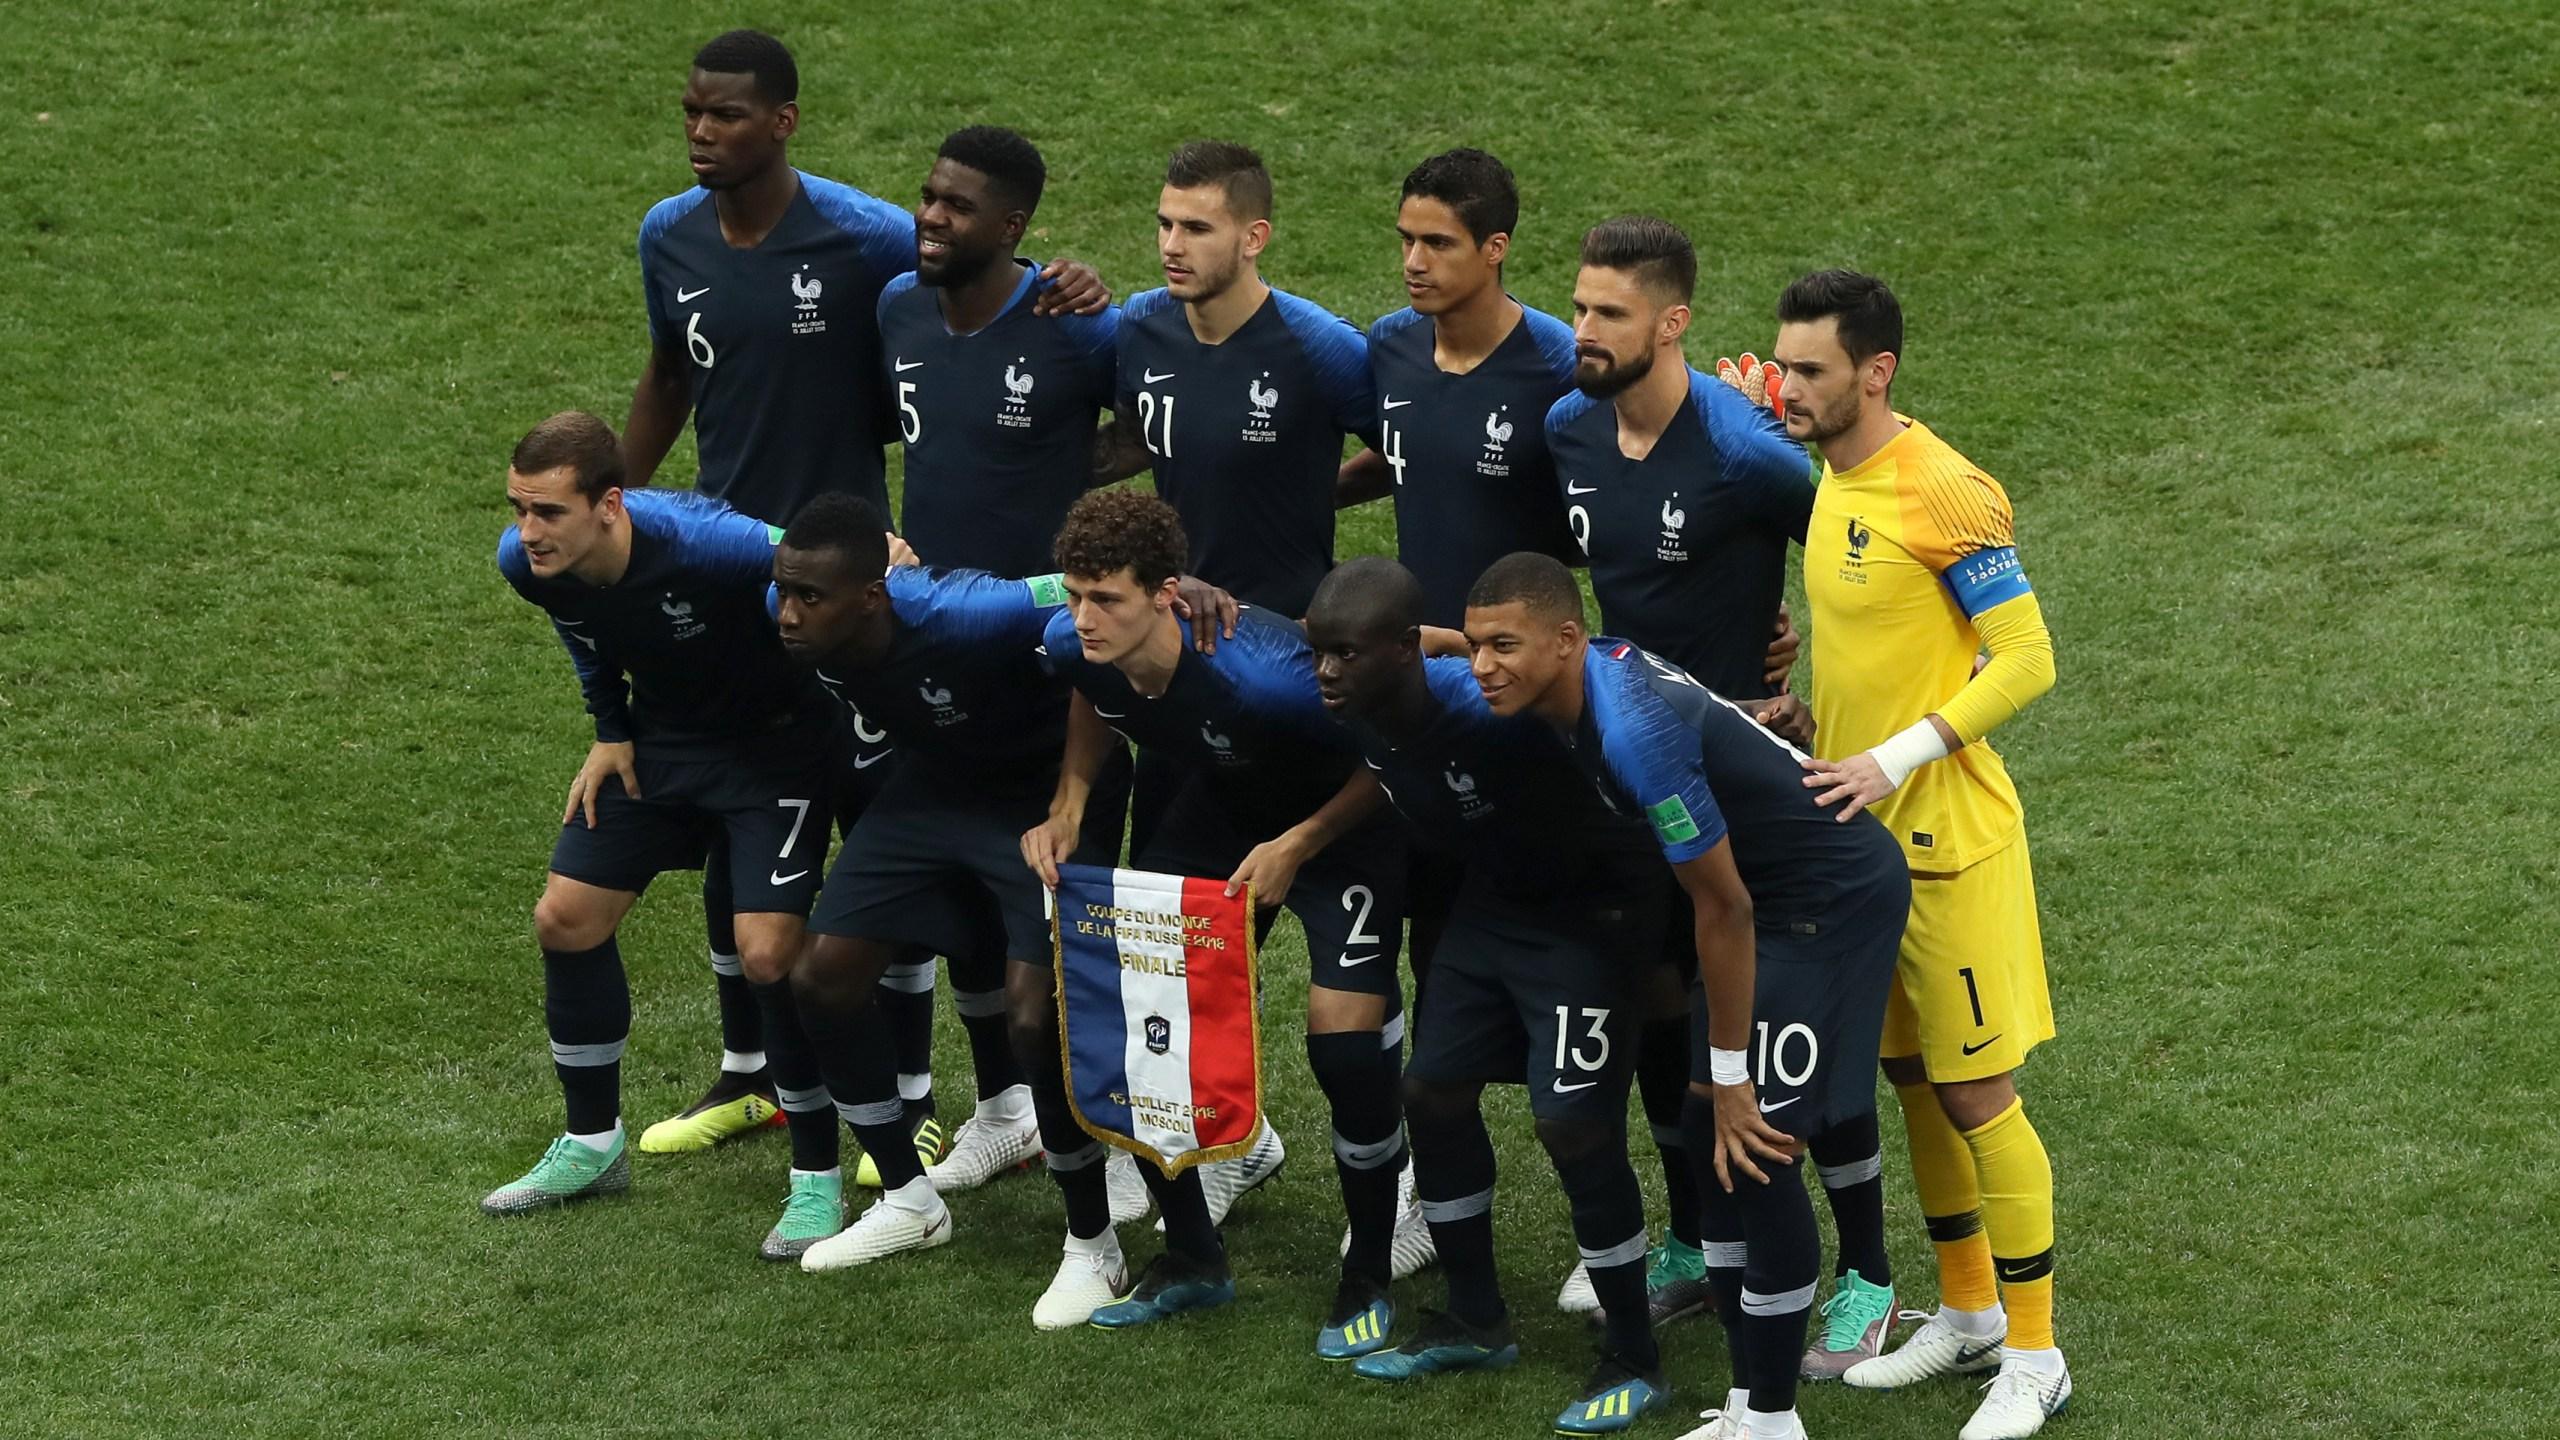 Argentina has the oldest squad; On France S World Cup Roster Soccer Dna Outranks National Origins Ktla